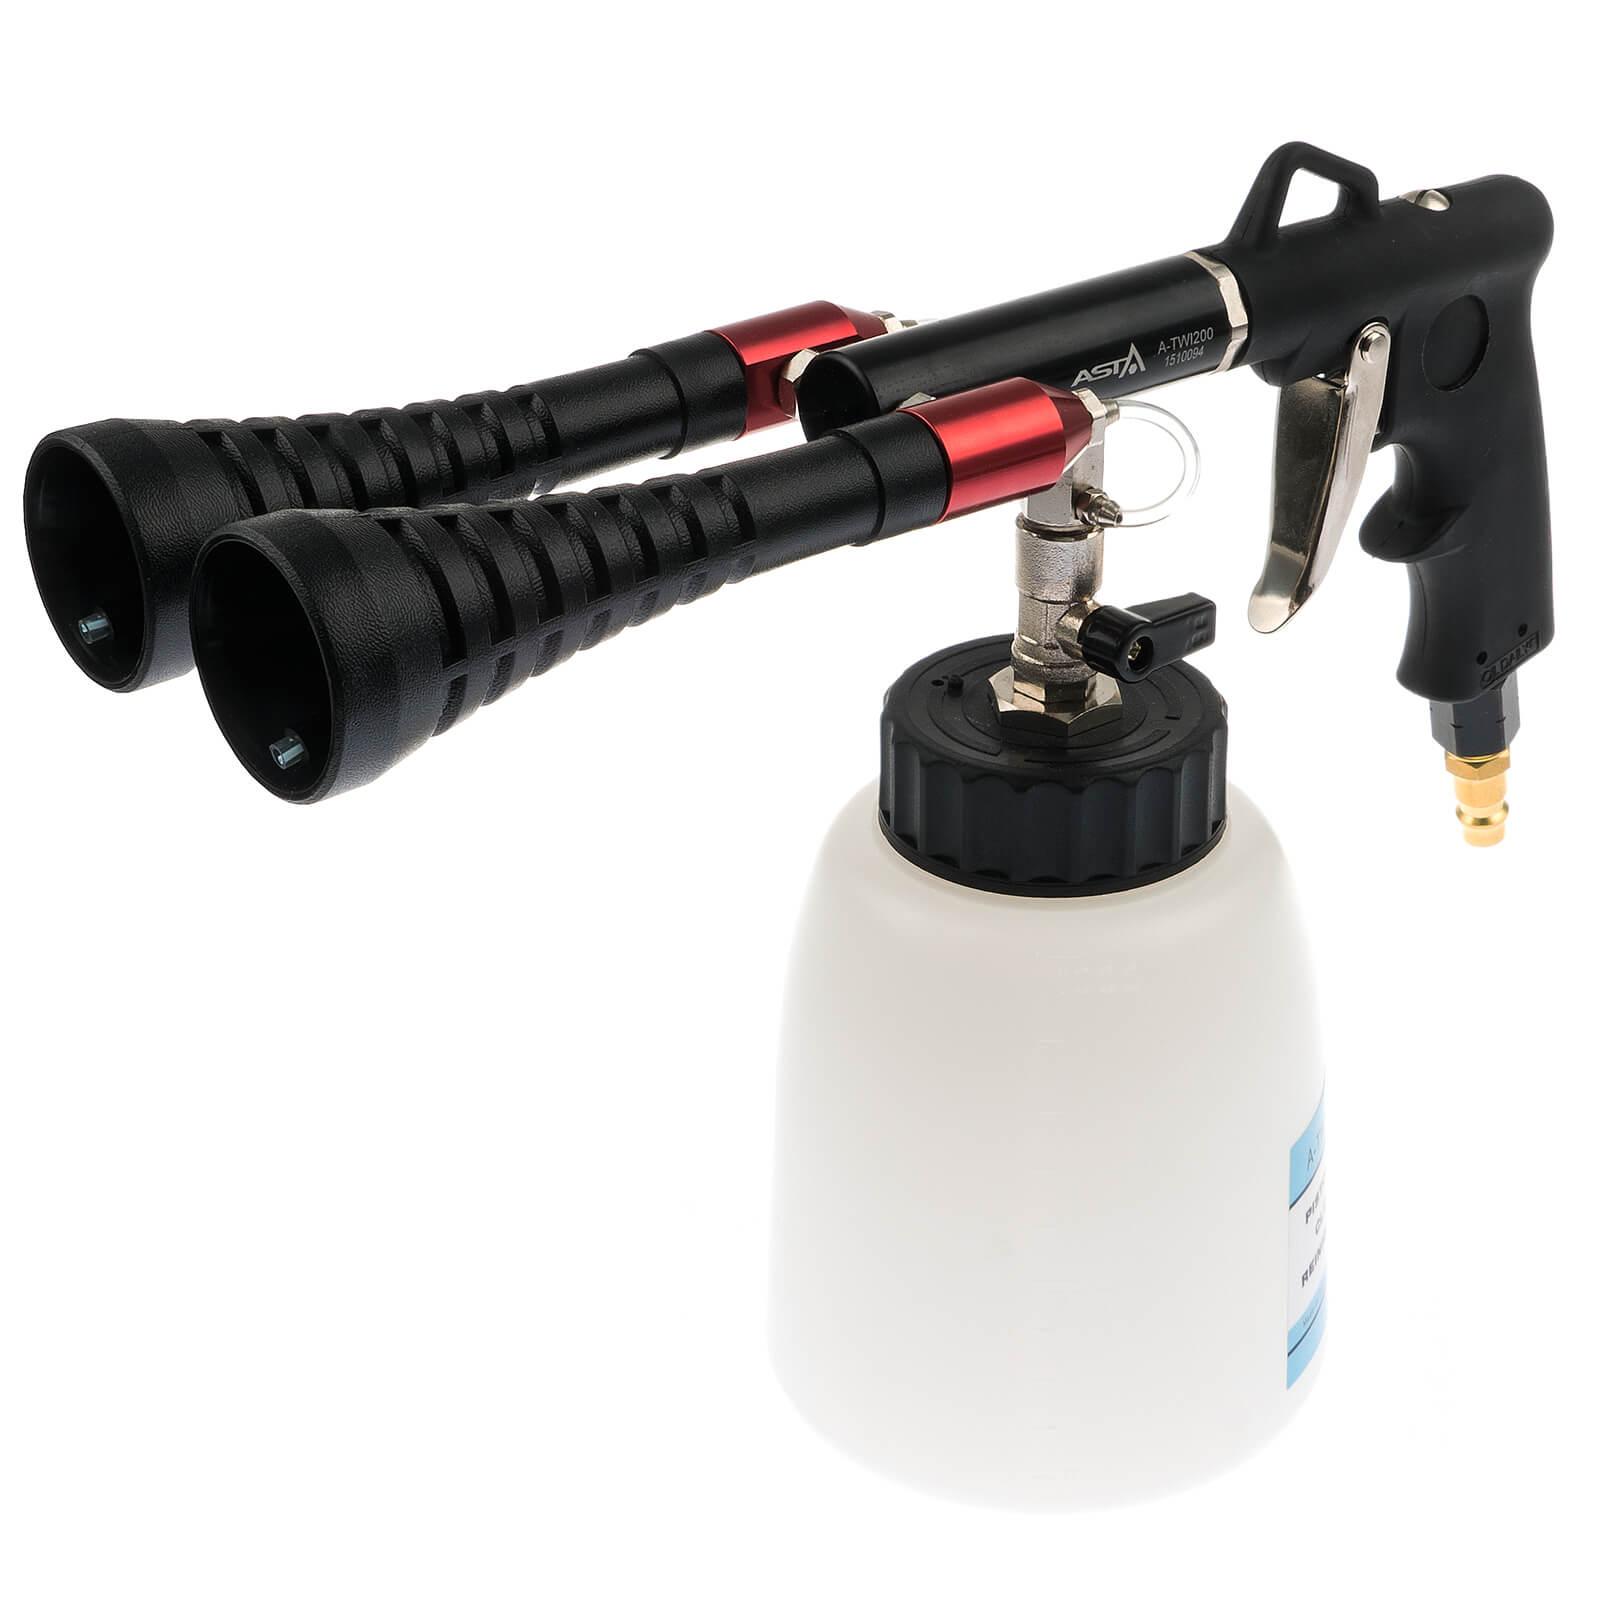 druckluft reinigungspistole twister sprühpistole druckluftreiniger